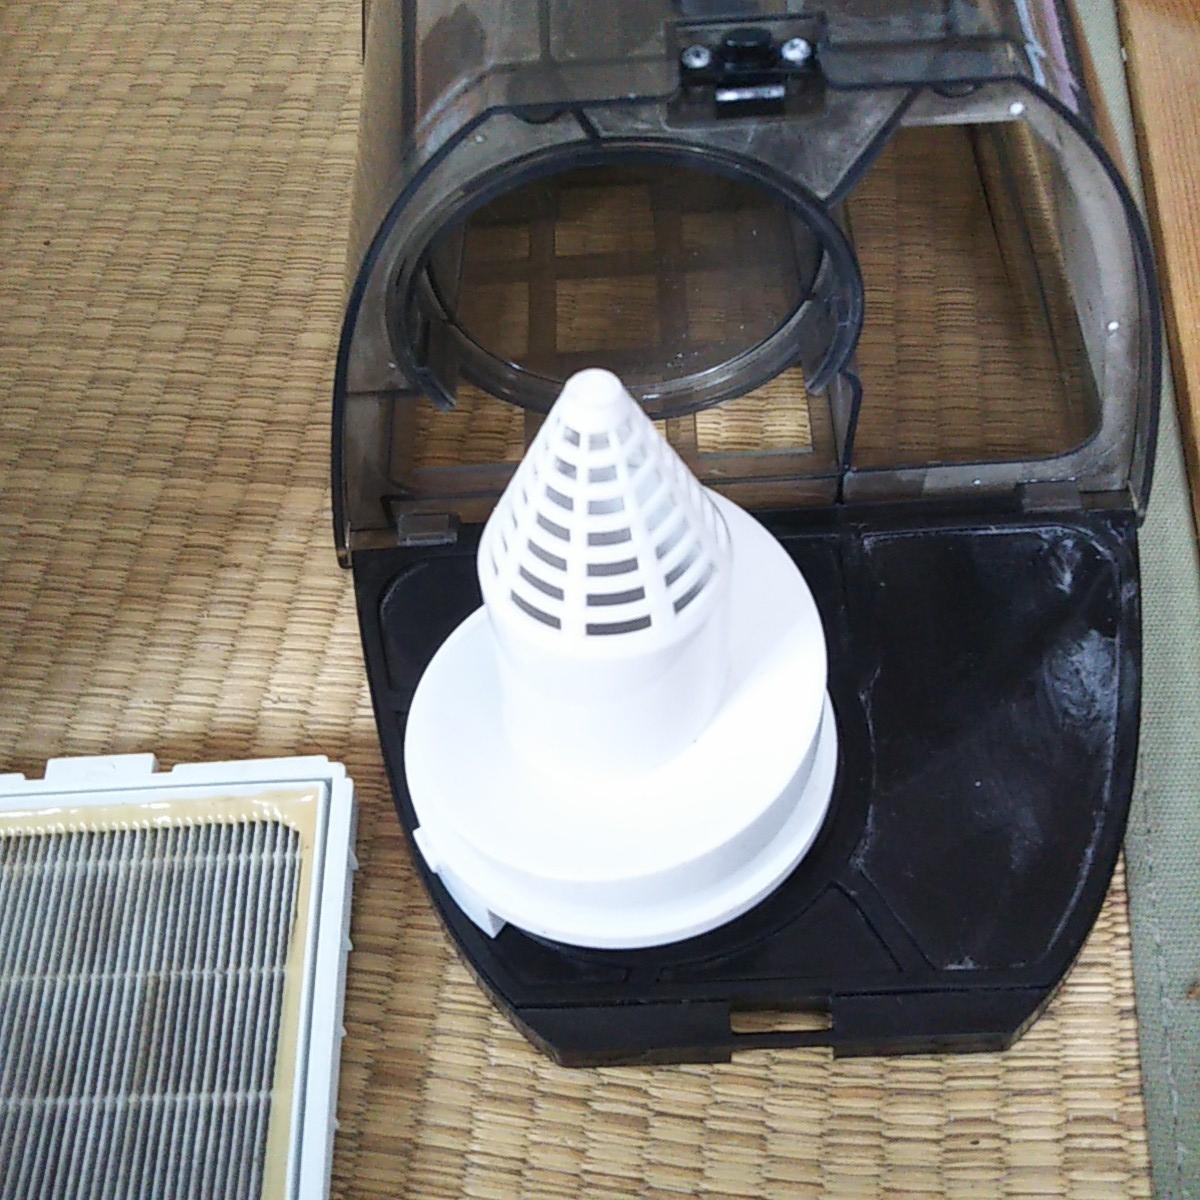 サイクロン掃除機 OZMA KATEEZAサイクロンクリーナーオズマ_画像10